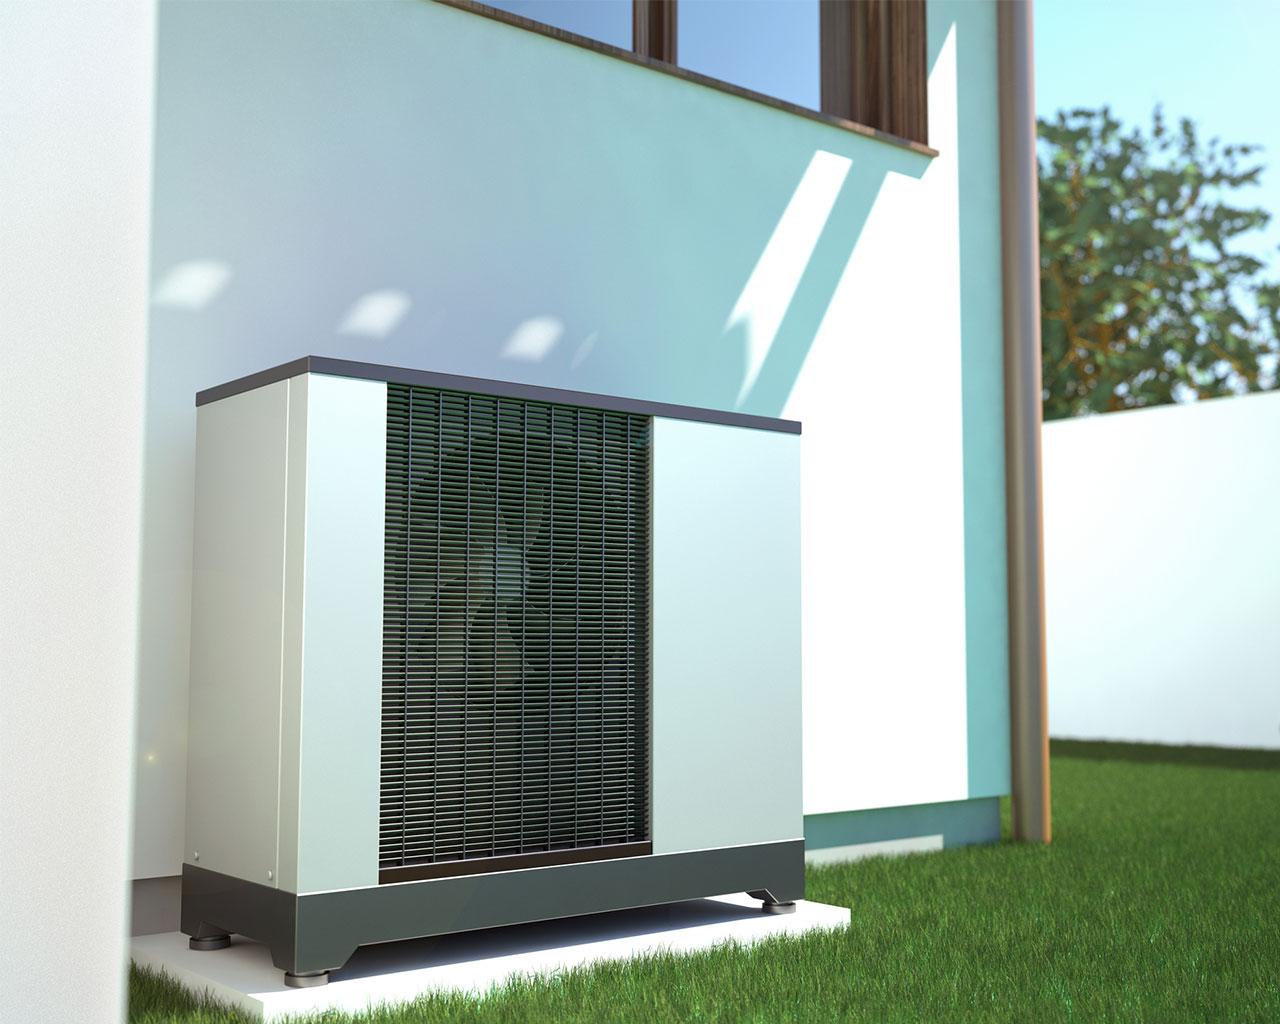 Fai una scelta ecologica: installa una pompa di calore